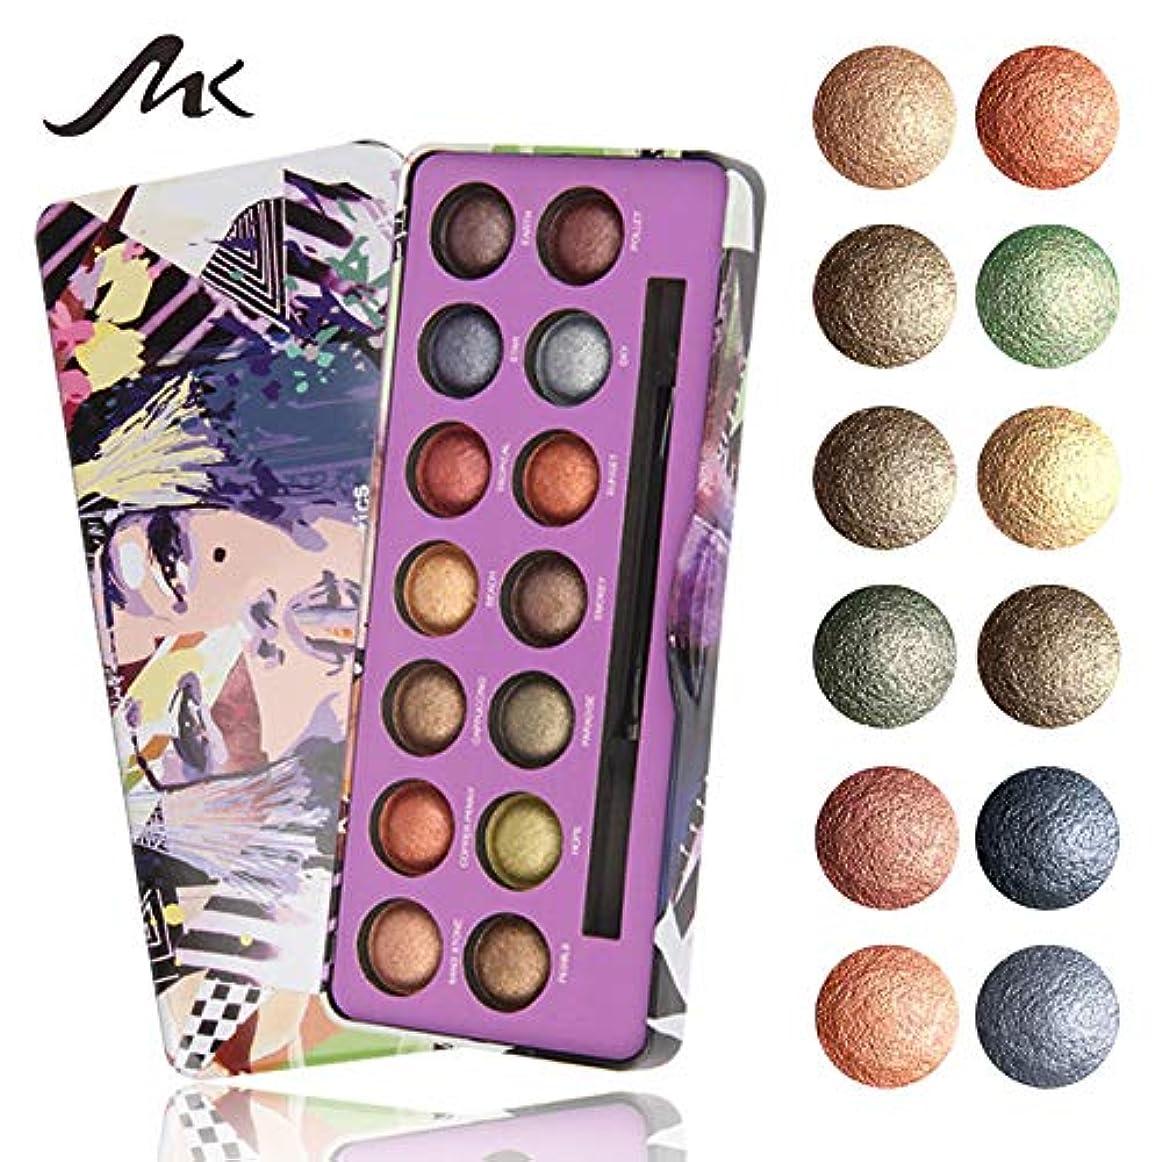 輝度特権的チョコレートAkane アイシャドウパレット MK 綺麗 人気 気質的 真珠光沢 チャーム 魅力的 マット つや消し 長持ち ファッション 防水 おしゃれ 持ち便利 Eye Shadow (14色) 8293